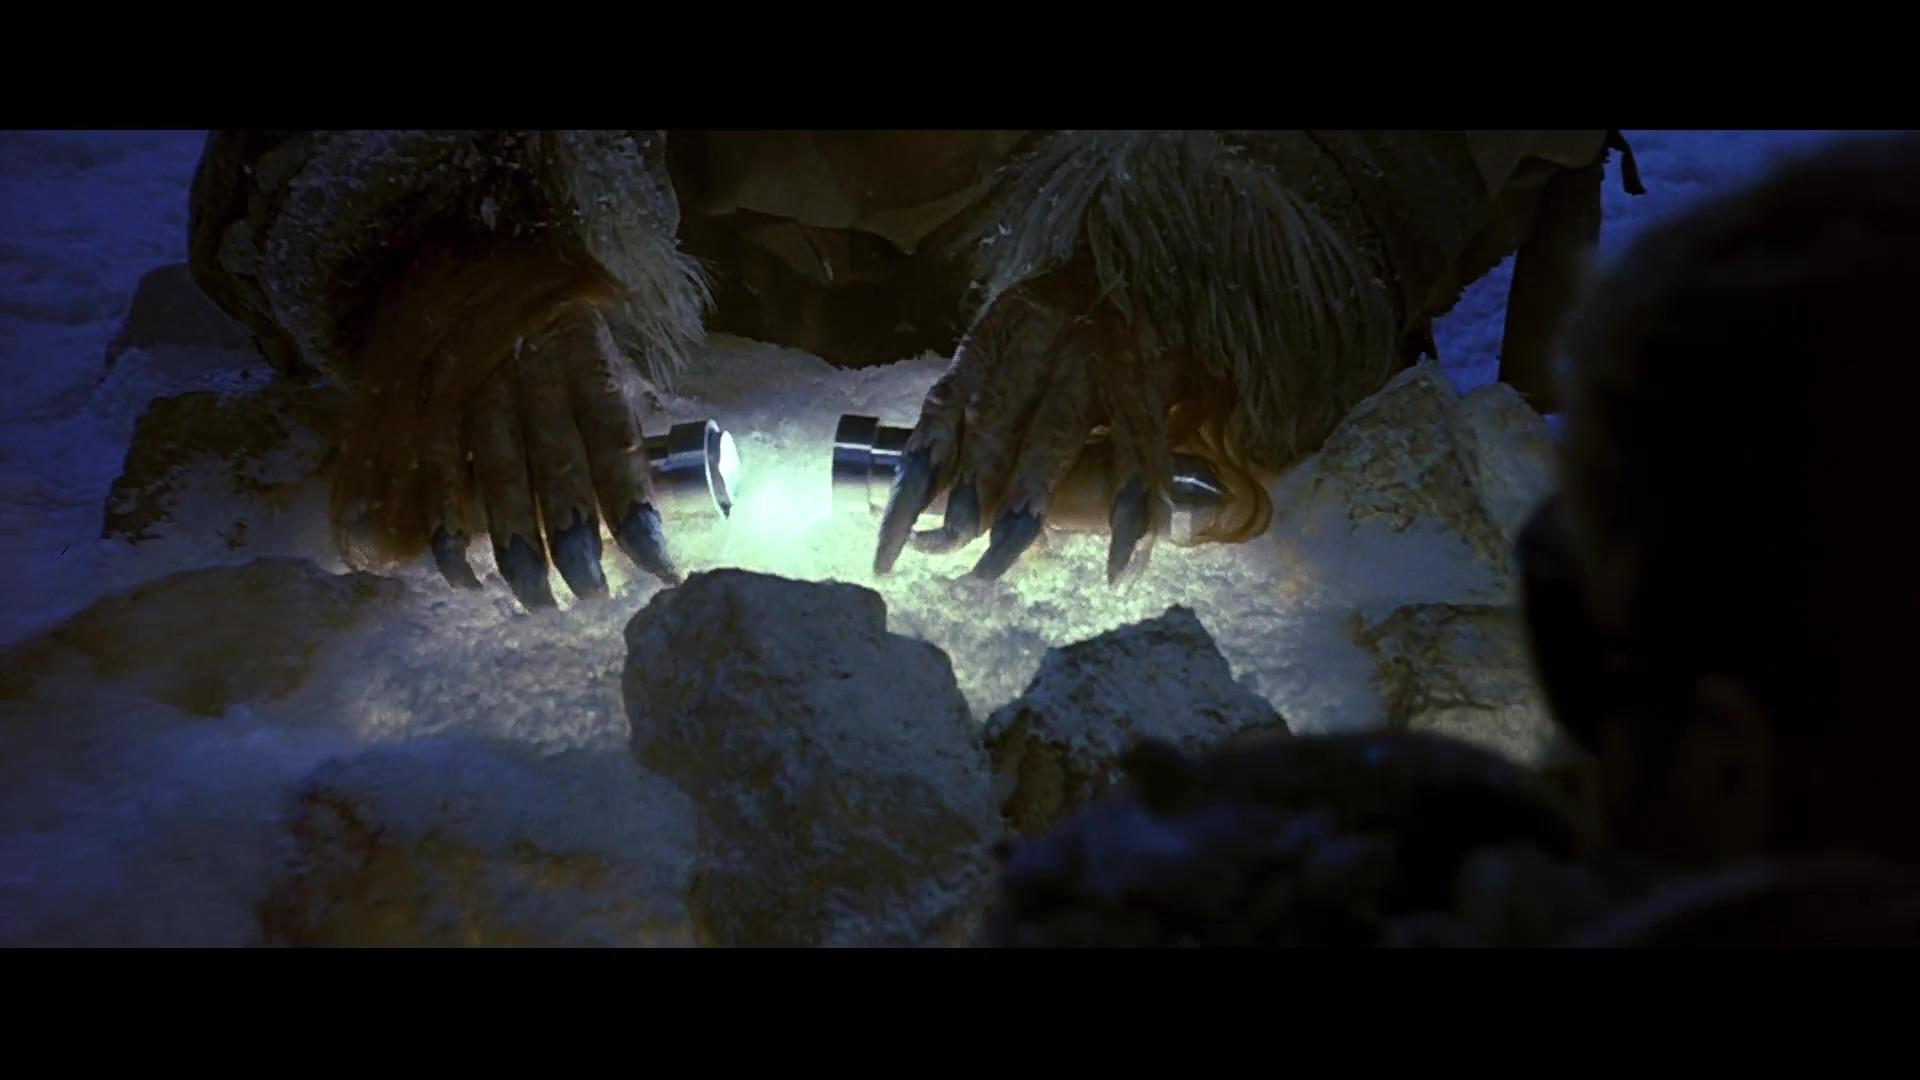 Viaje A Las Estrellas 6 La Tierra Desconocida 1080p Lat-Cast-Ing 5.1 (1991)